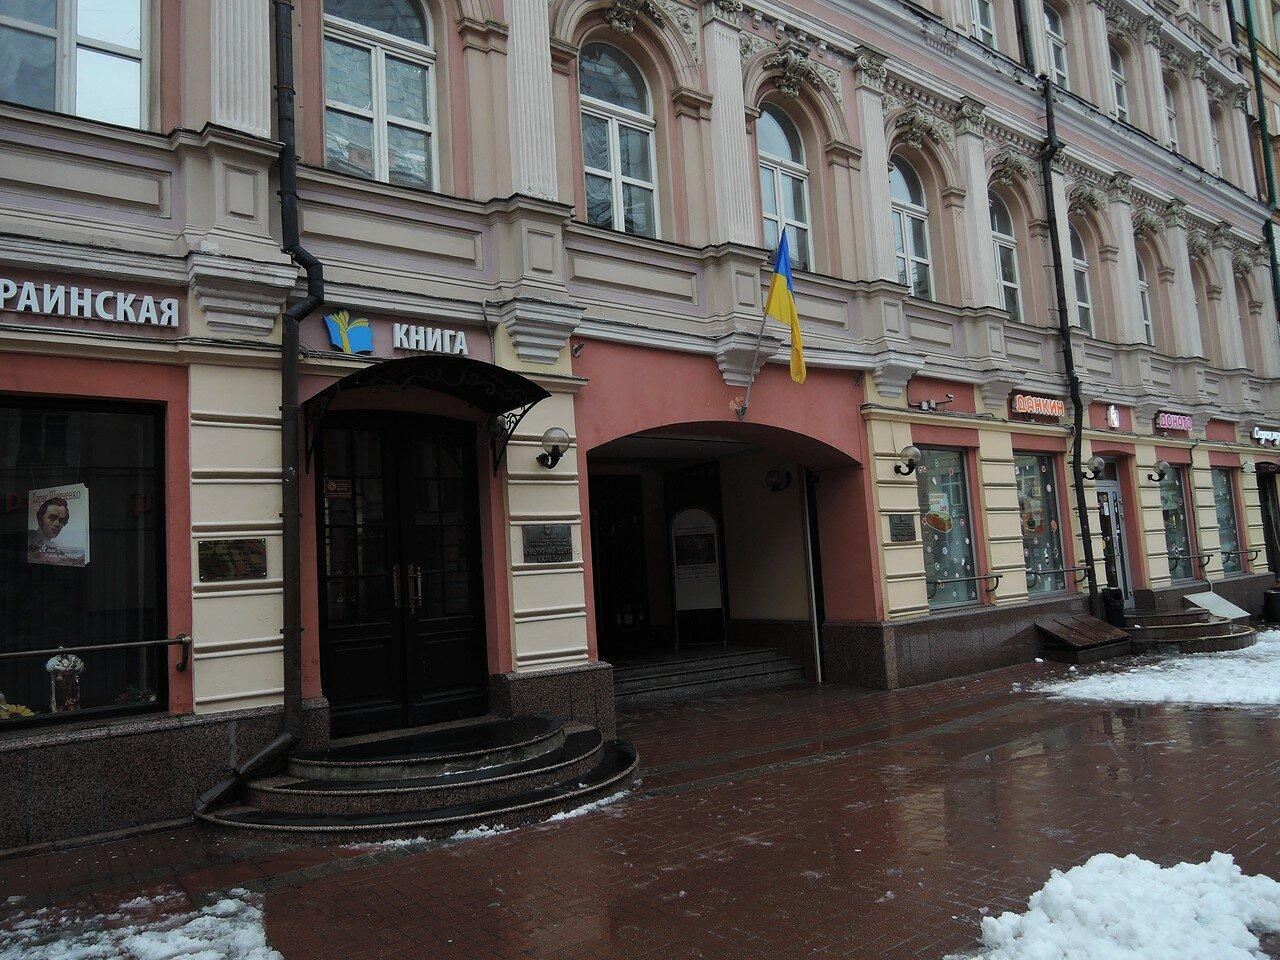 Арбат. Культурный центр Украины.